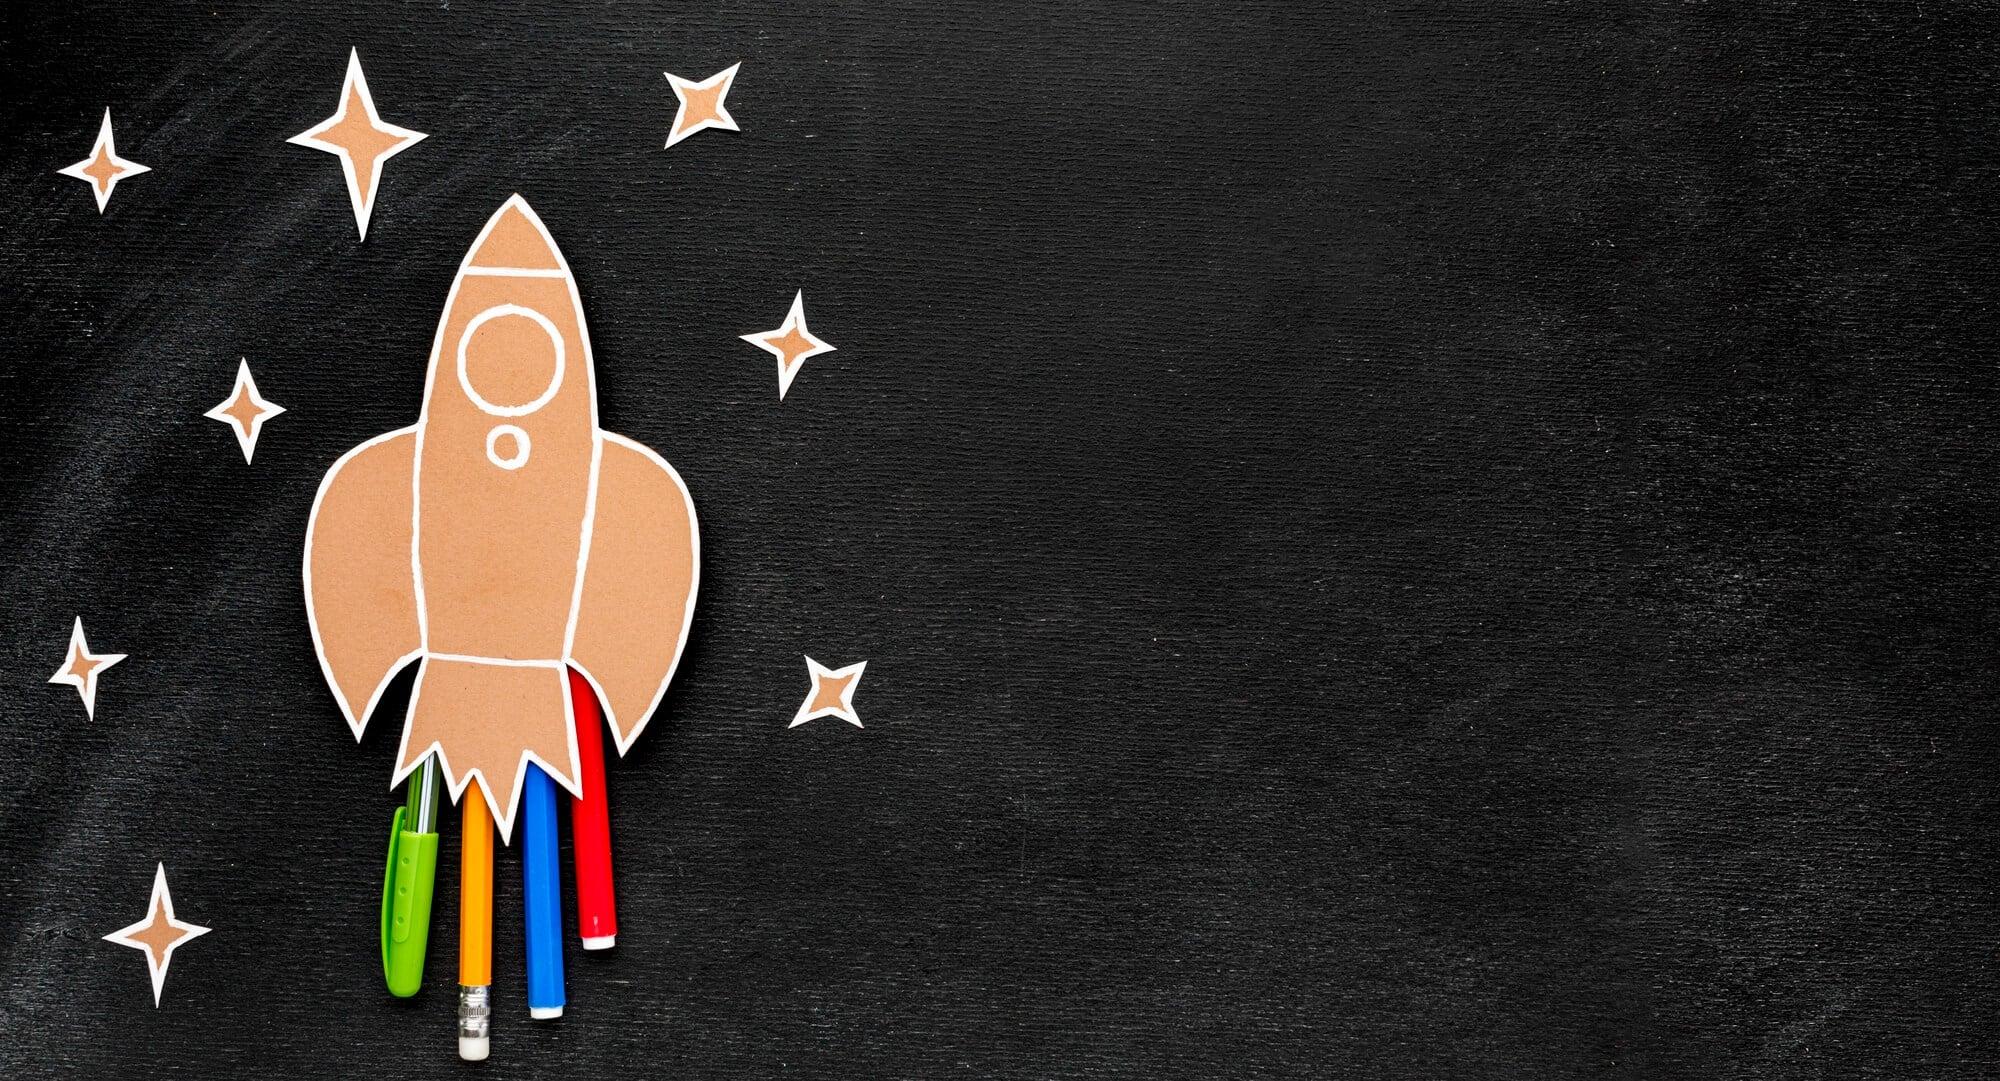 Un cohete representando los cripto launchpads